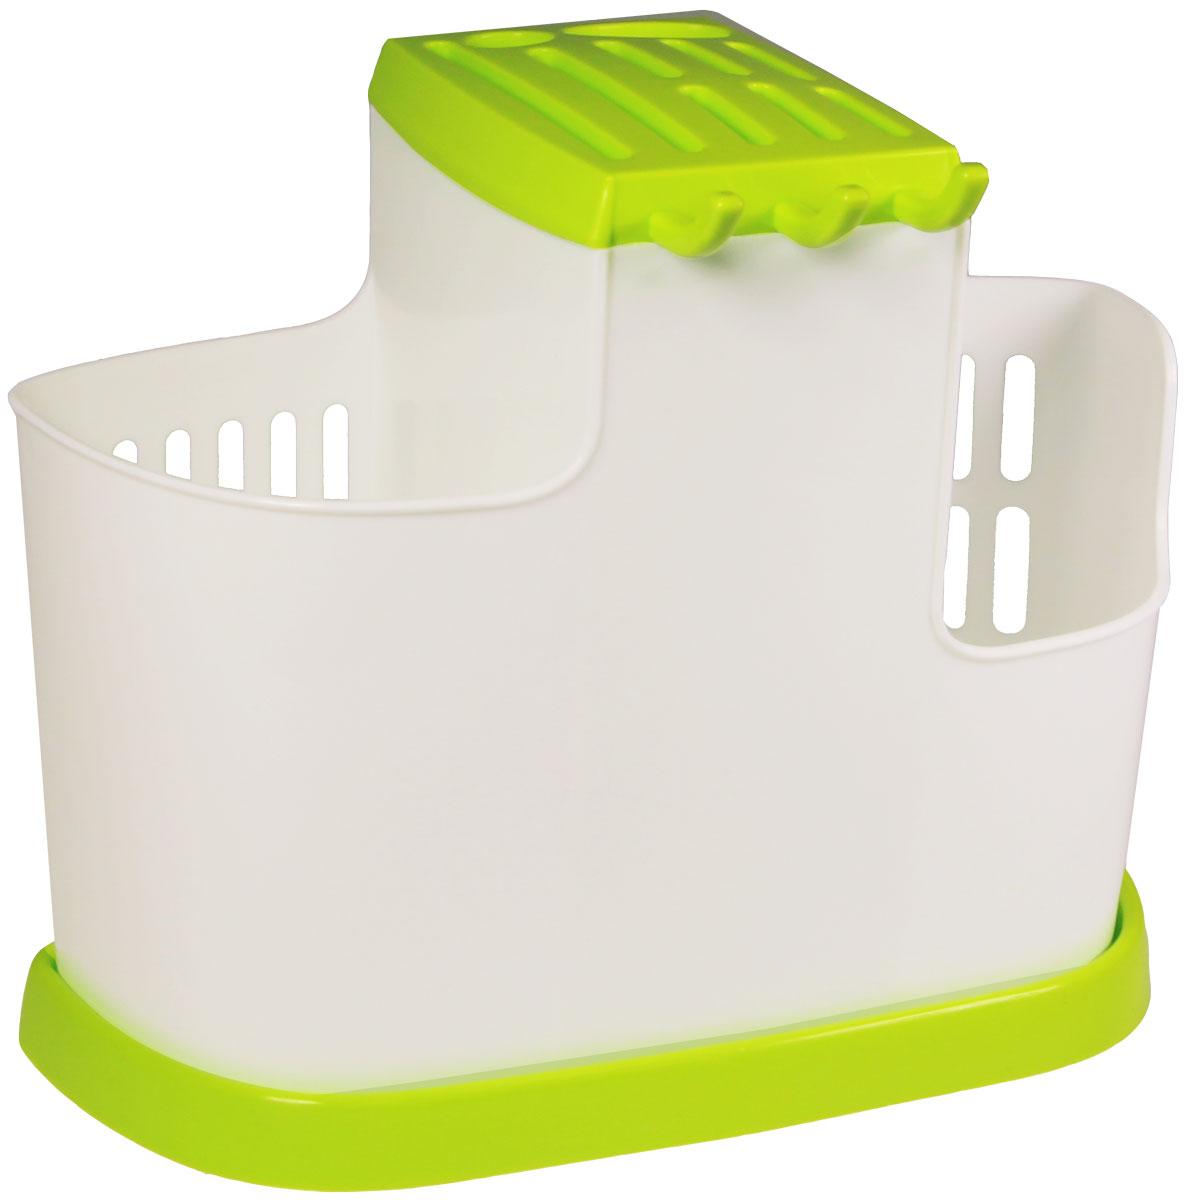 Органайзер кухонный Idea, цвет: салатовый, 19 х 25 х 14,5 см органайзер кухонный idea цвет салатовый 19 х 25 х 14 5 см